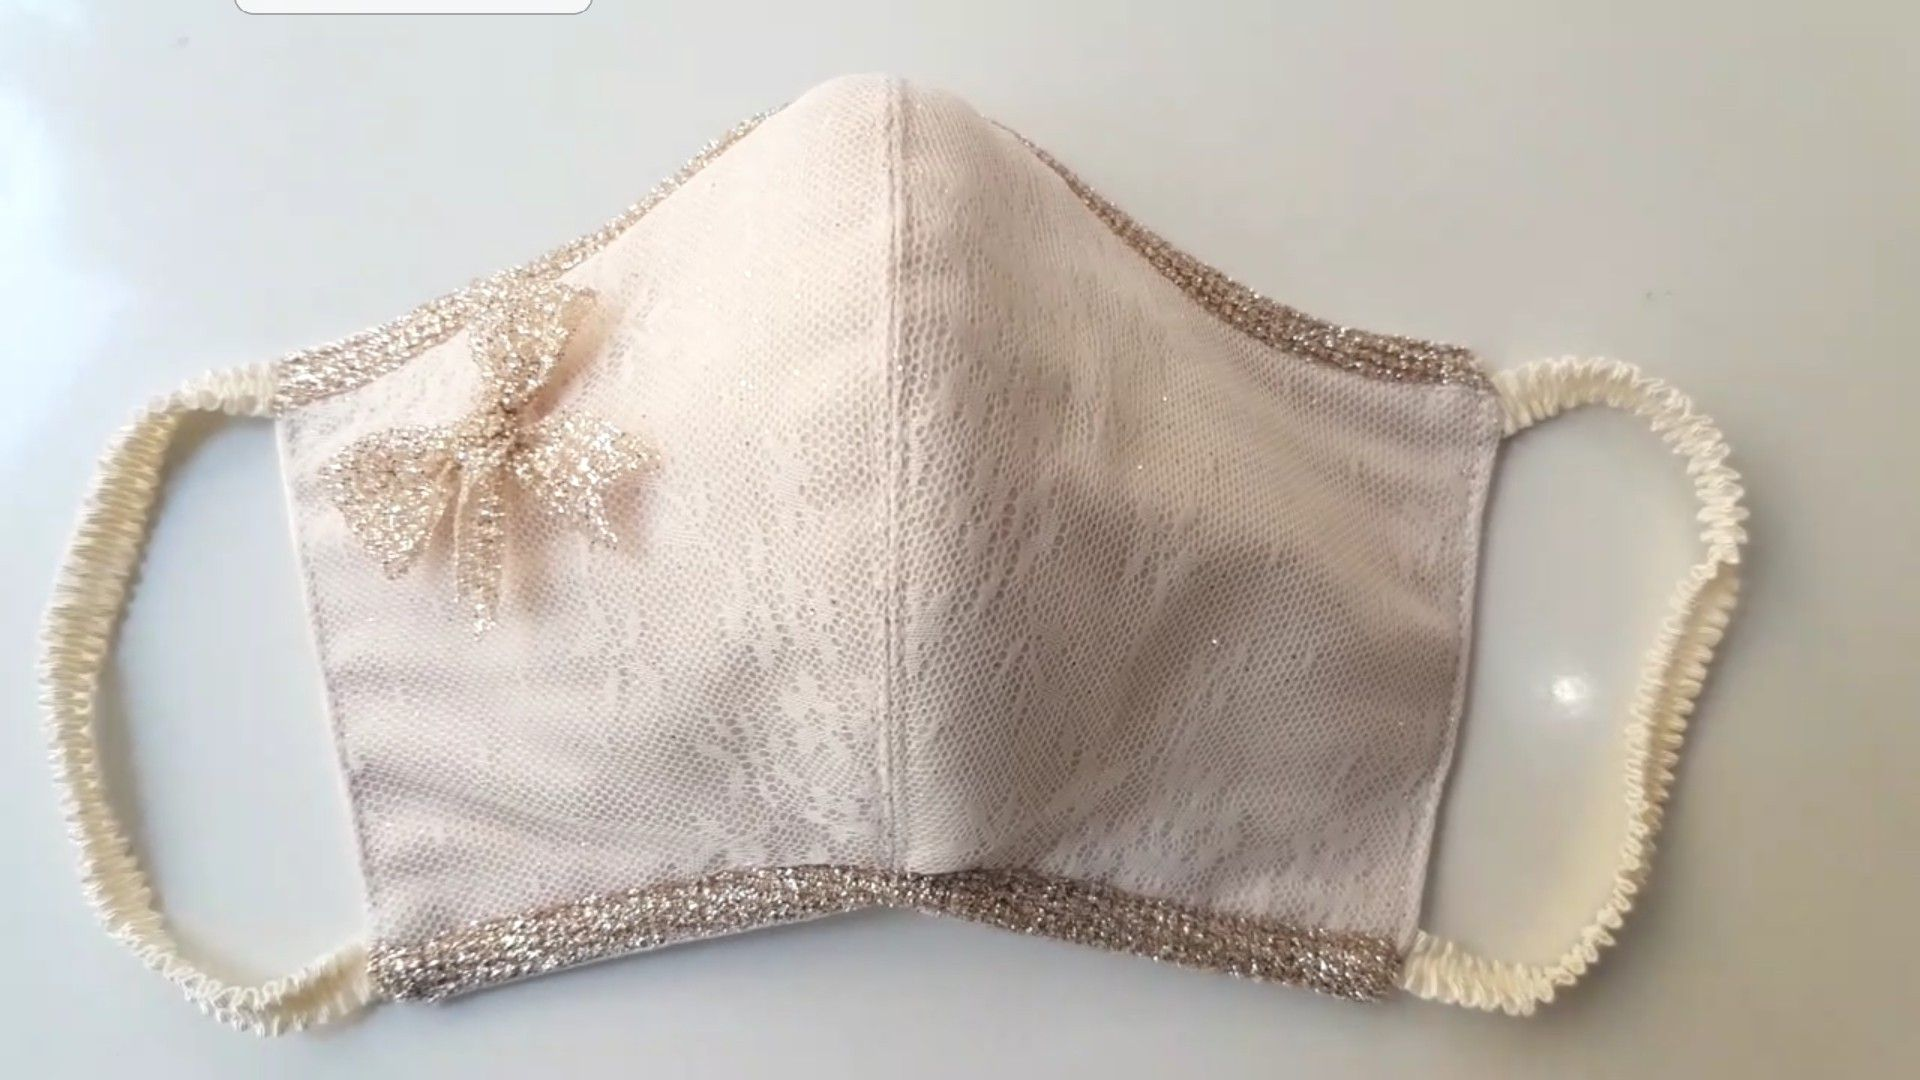 Épinglé sur Bridal covid19 Masks